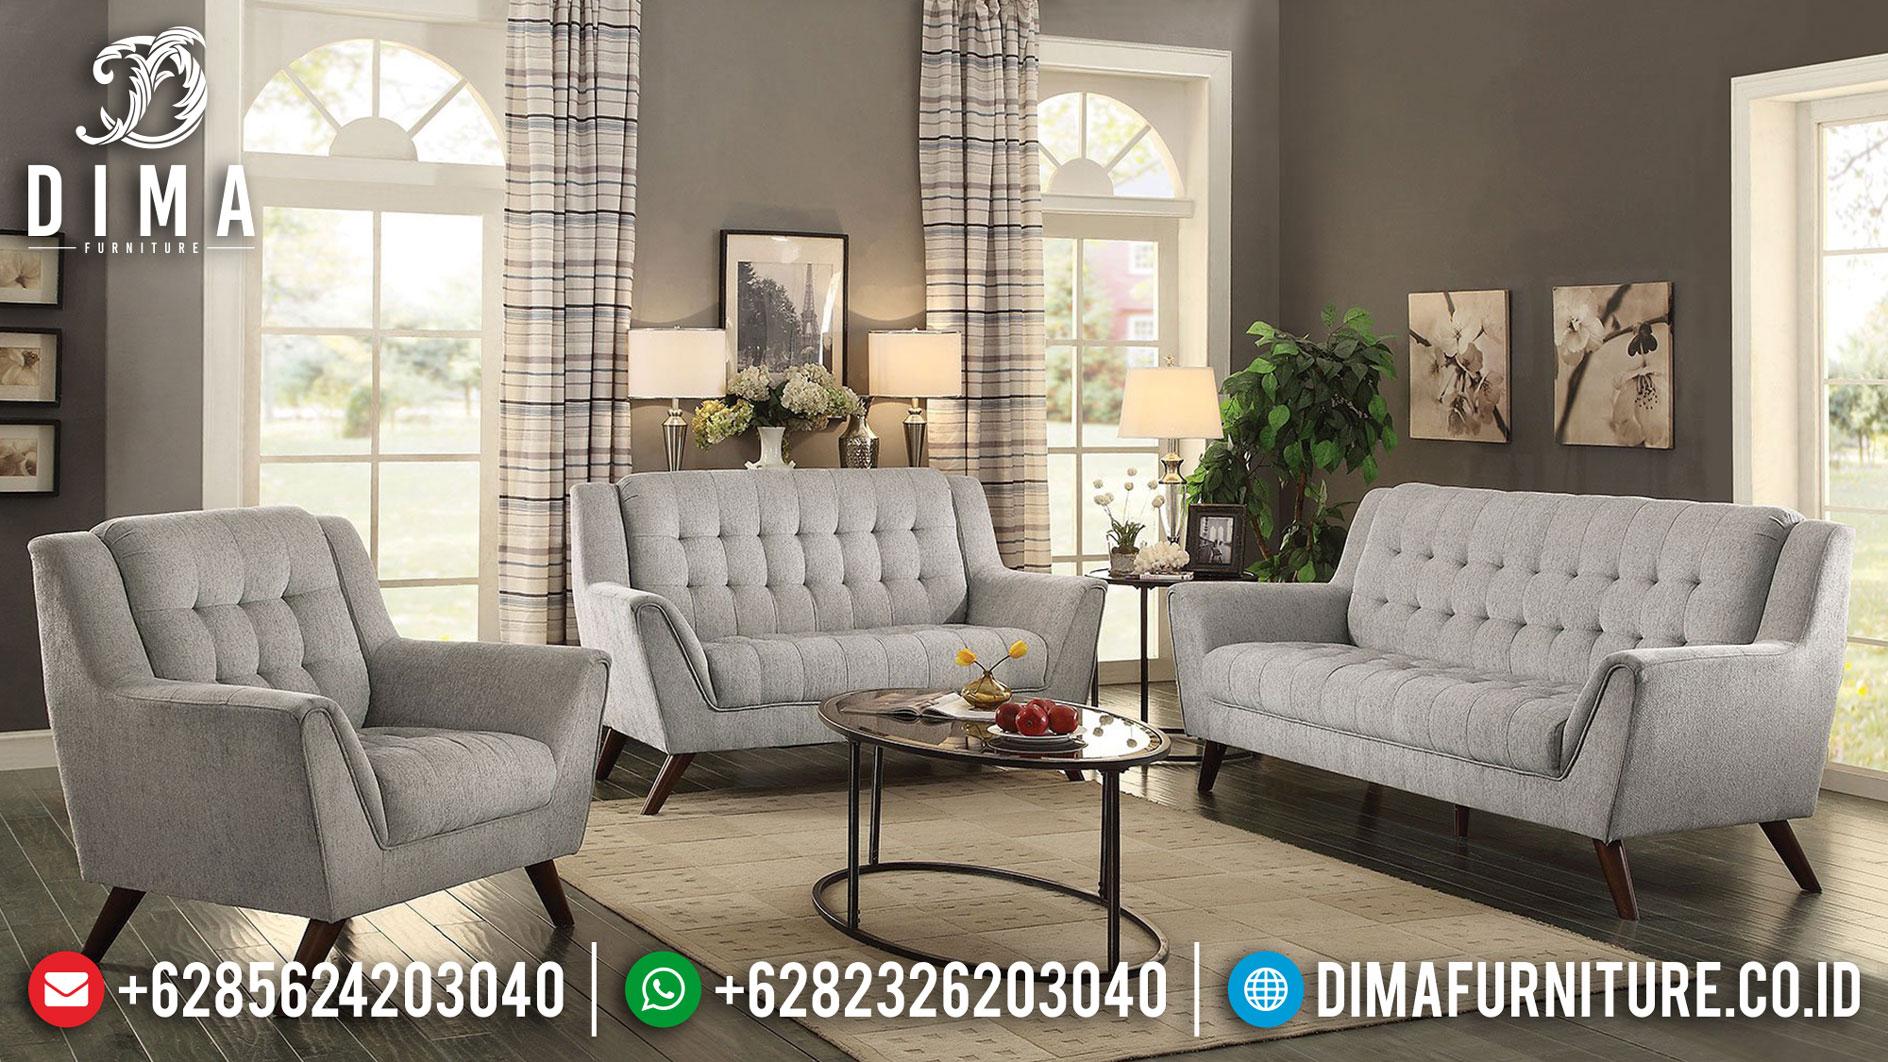 Set Sofa Tamu Jepara Desain Minimalis New Sand Color Mebel Jepara Murah TTJ-0994